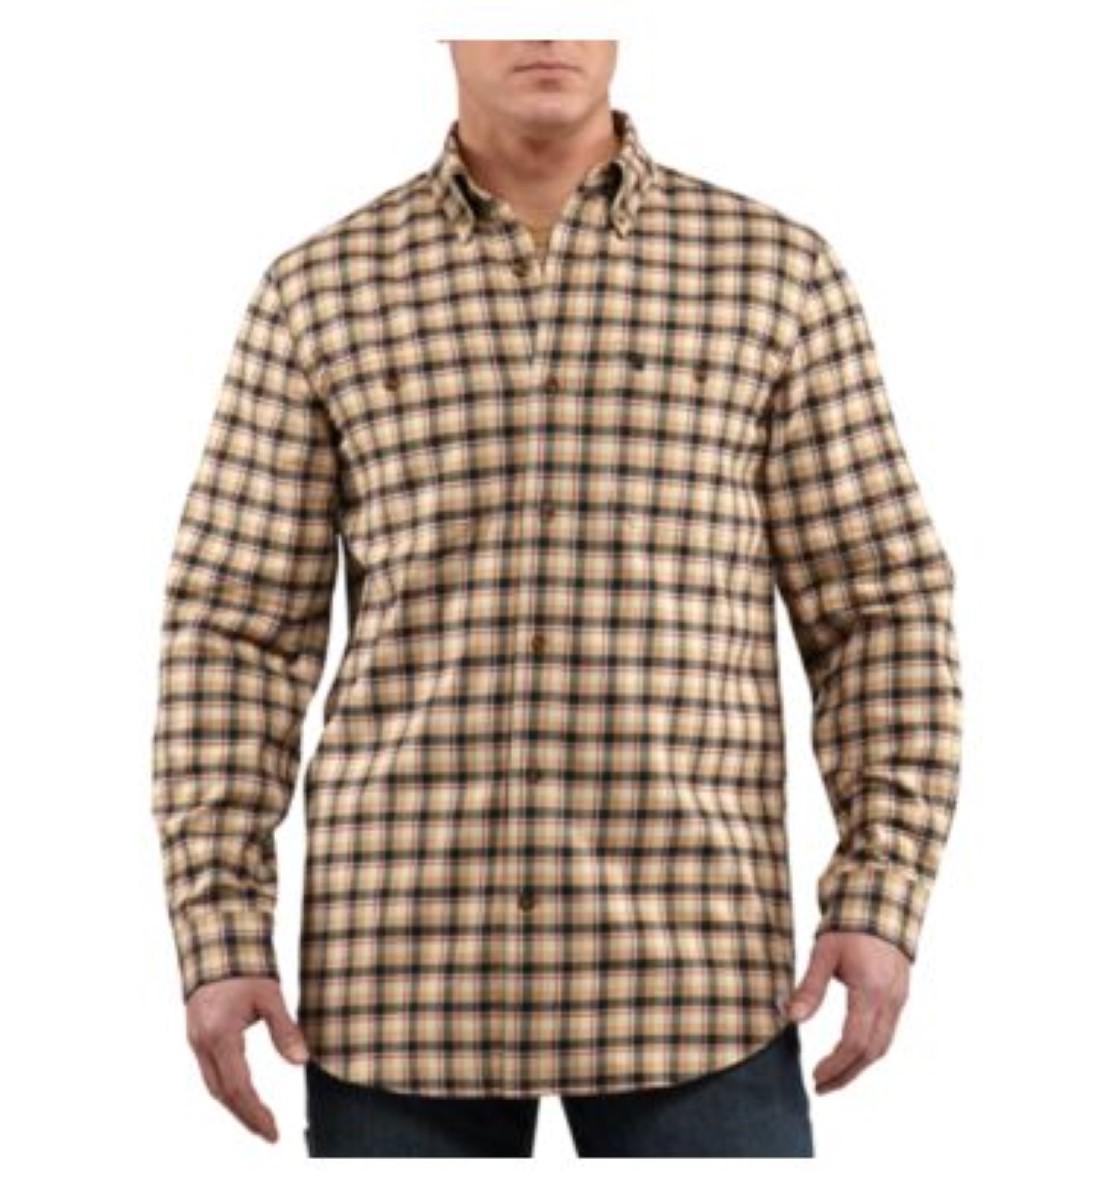 Carhartt mens trumbull plaid shirt long sleeve 100597 for Carhartt men s chamois long sleeve shirt